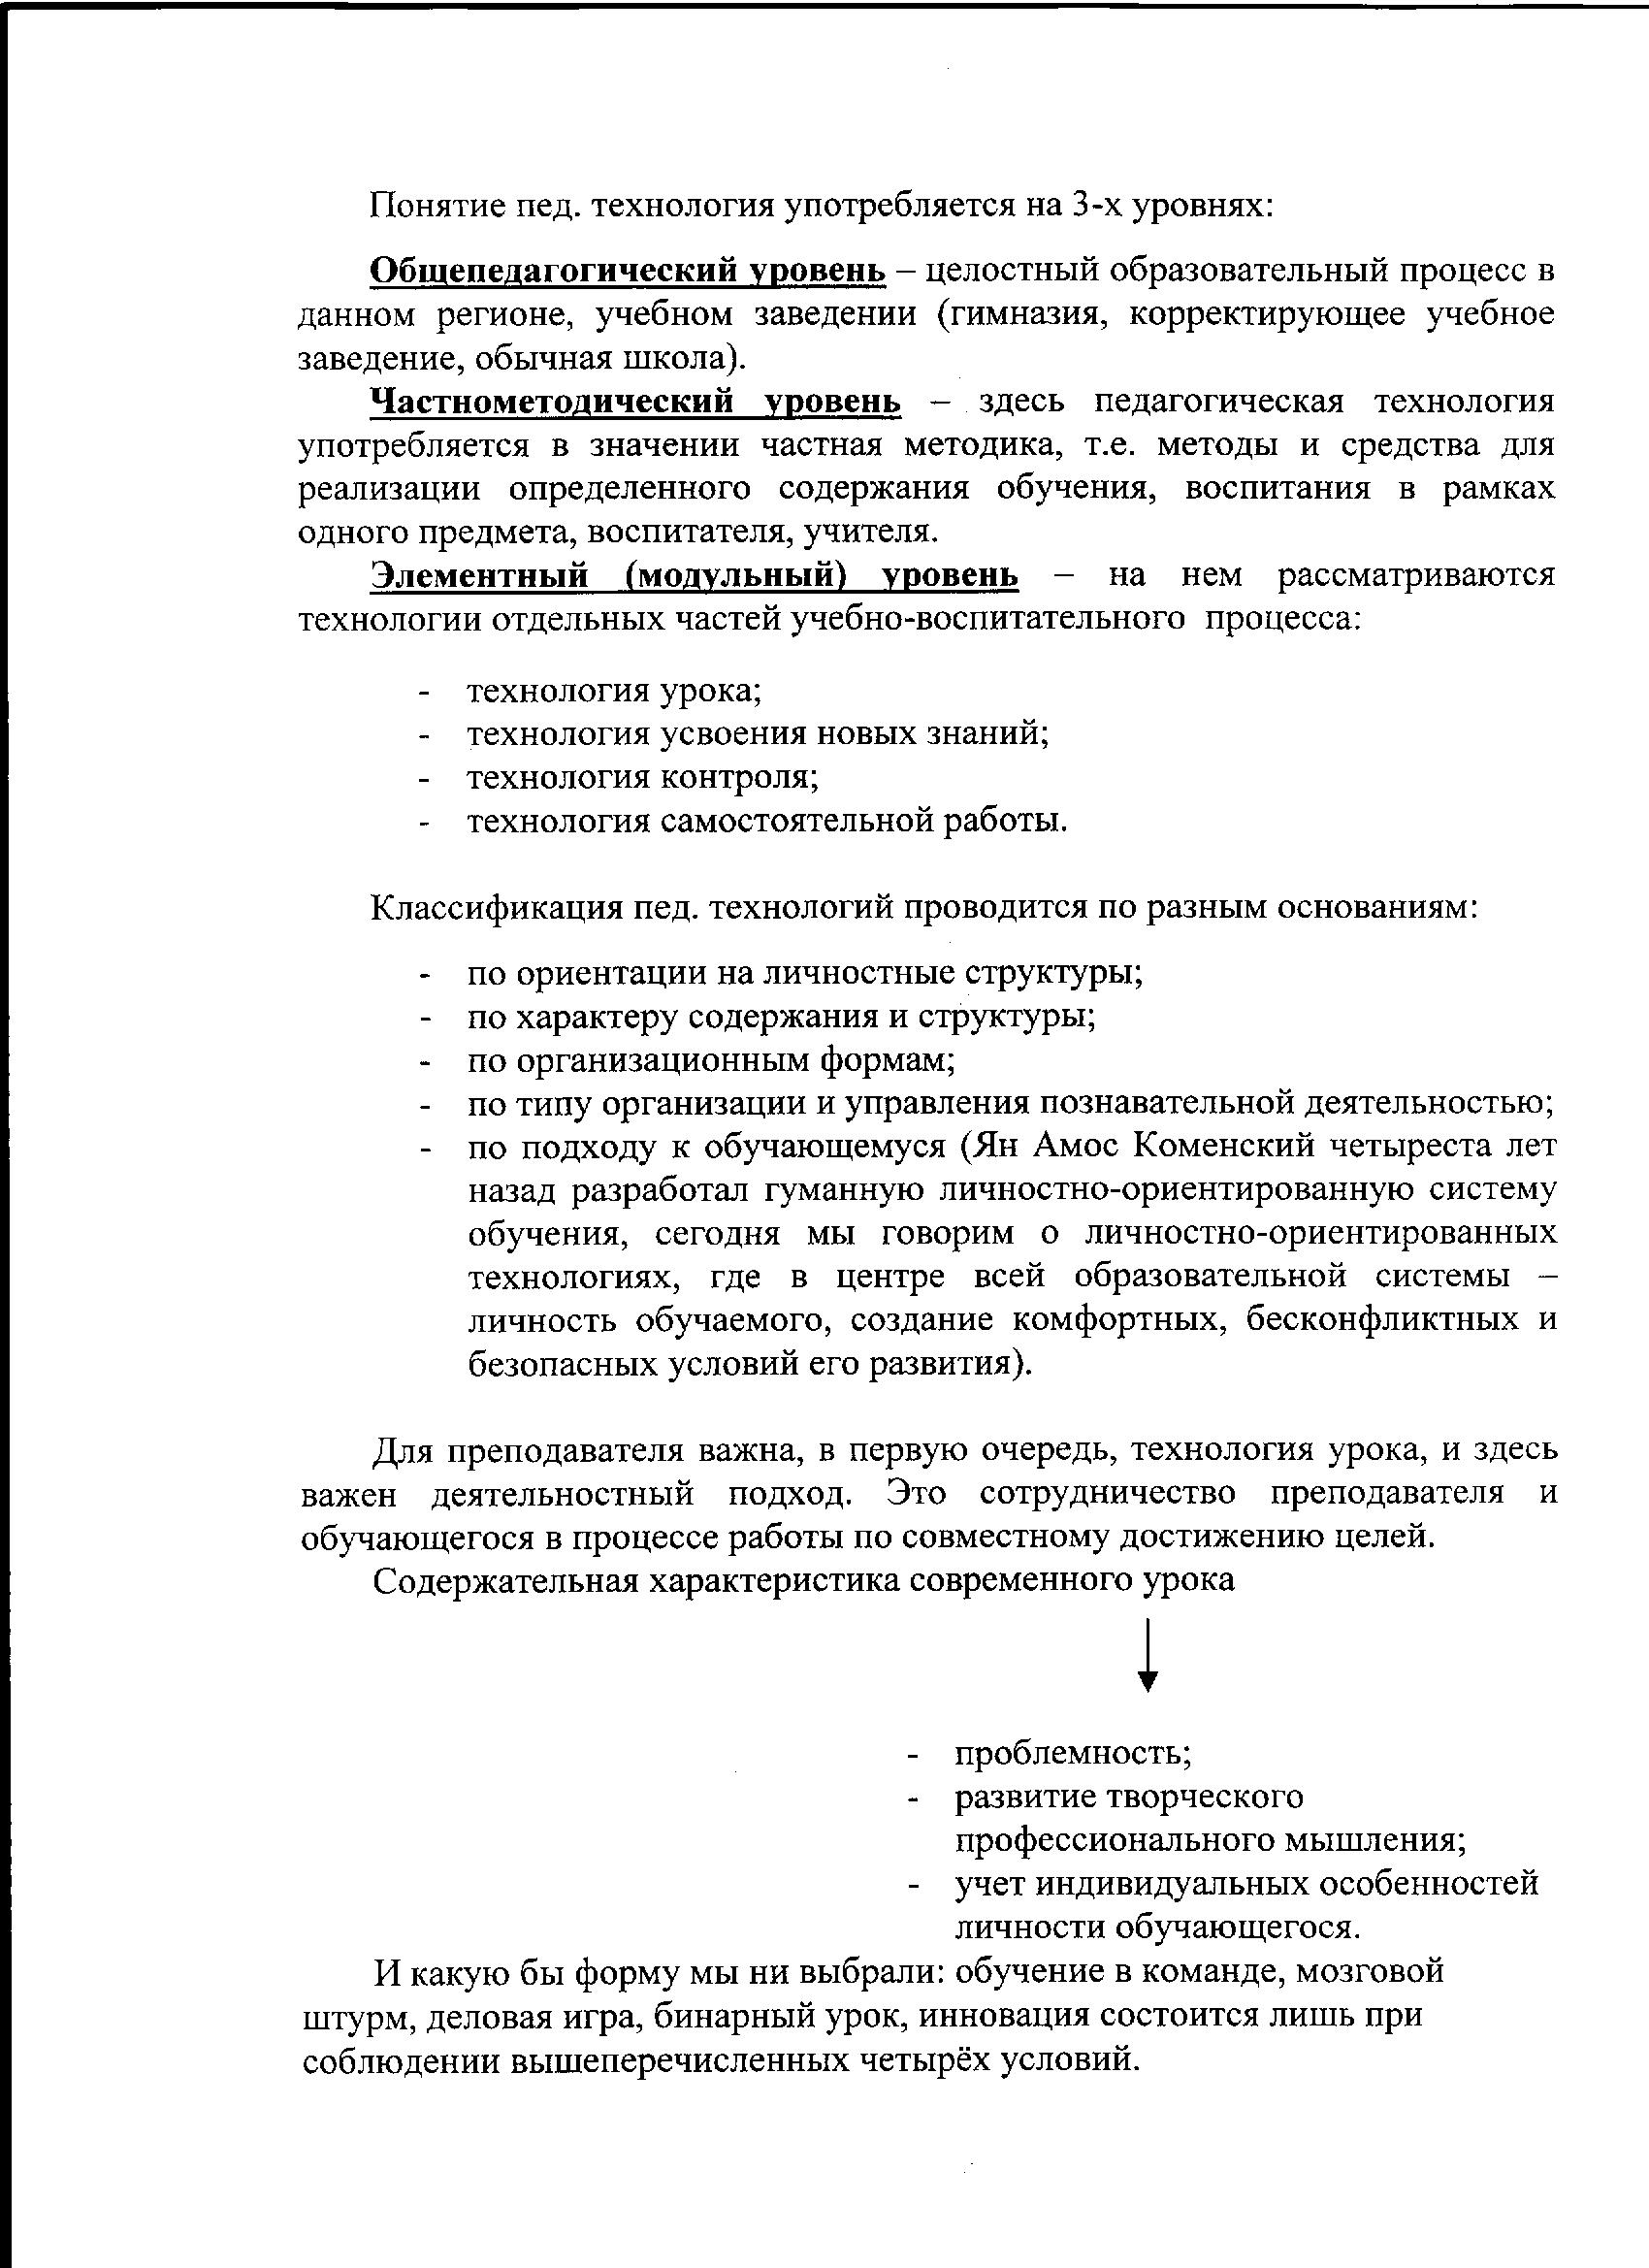 C:\Documents and Settings\Николай\Мои документы\Мои рисунки\Пед. технологии.bmp